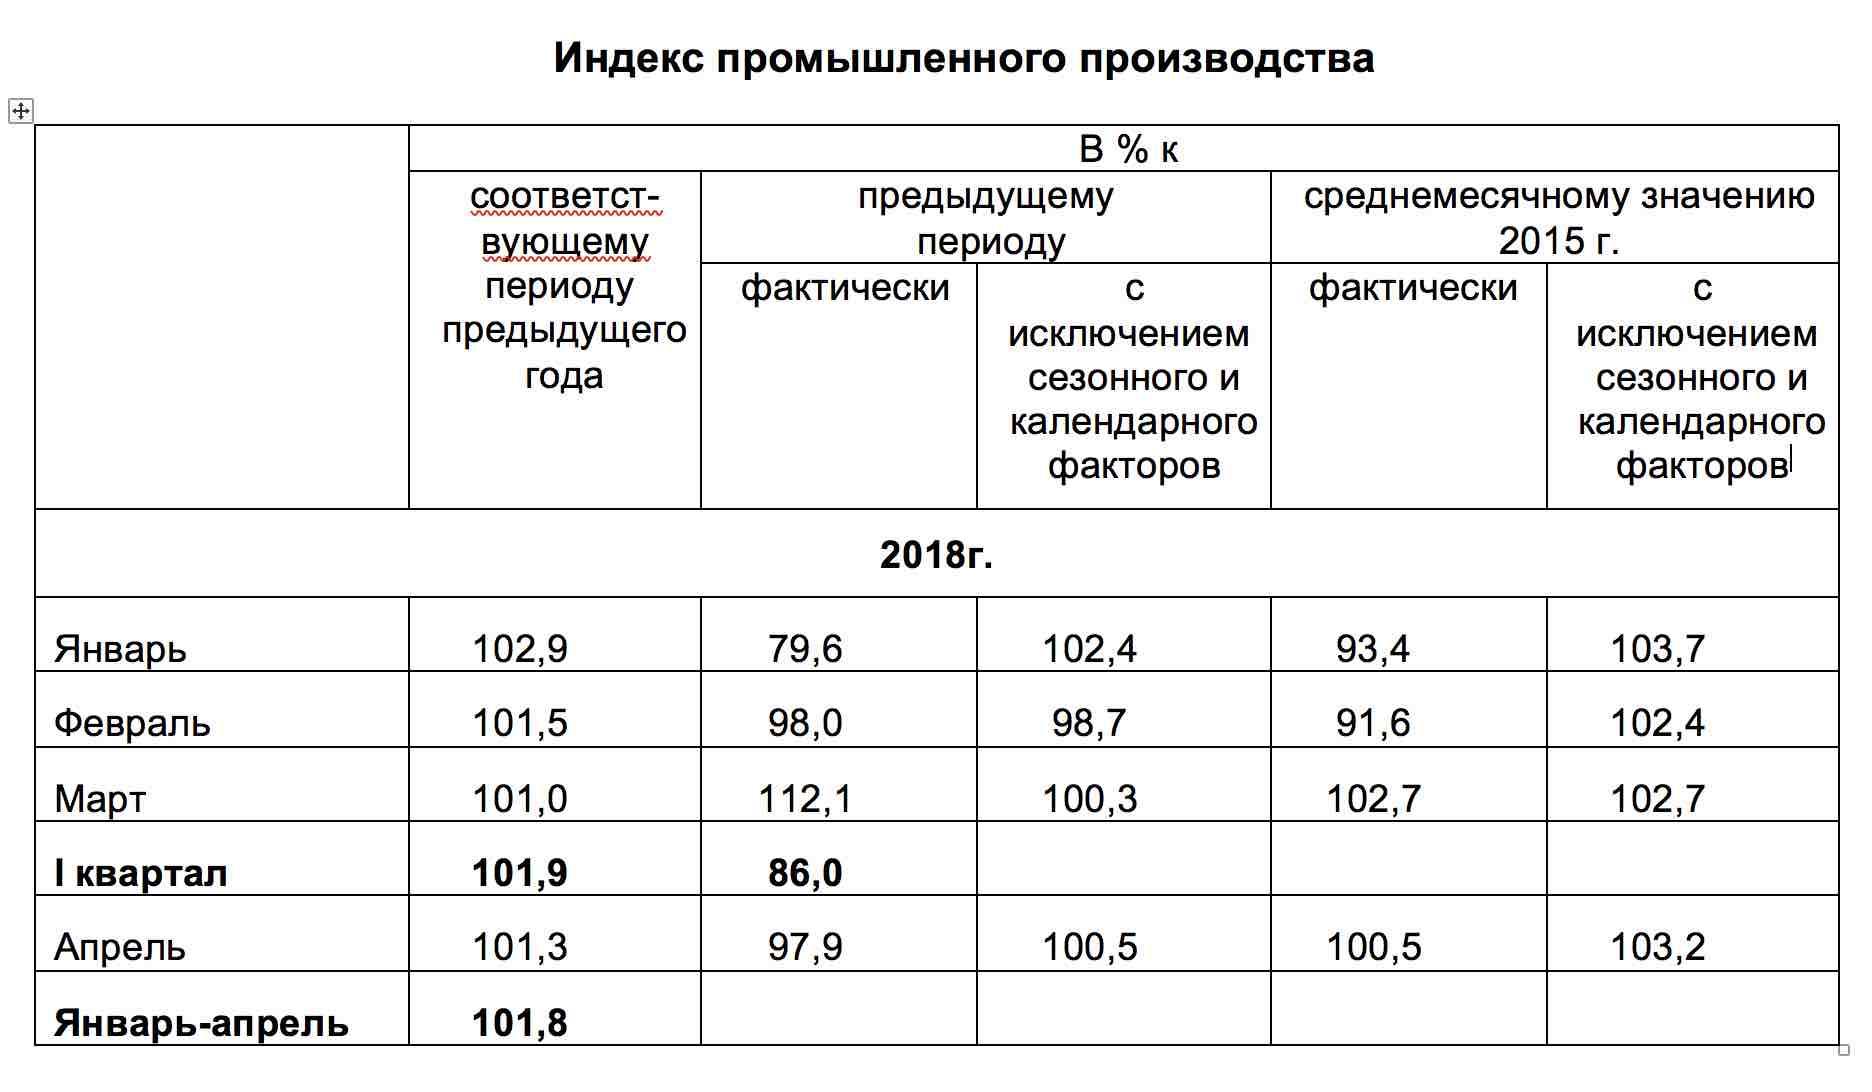 Индекс промышленного производства 2018